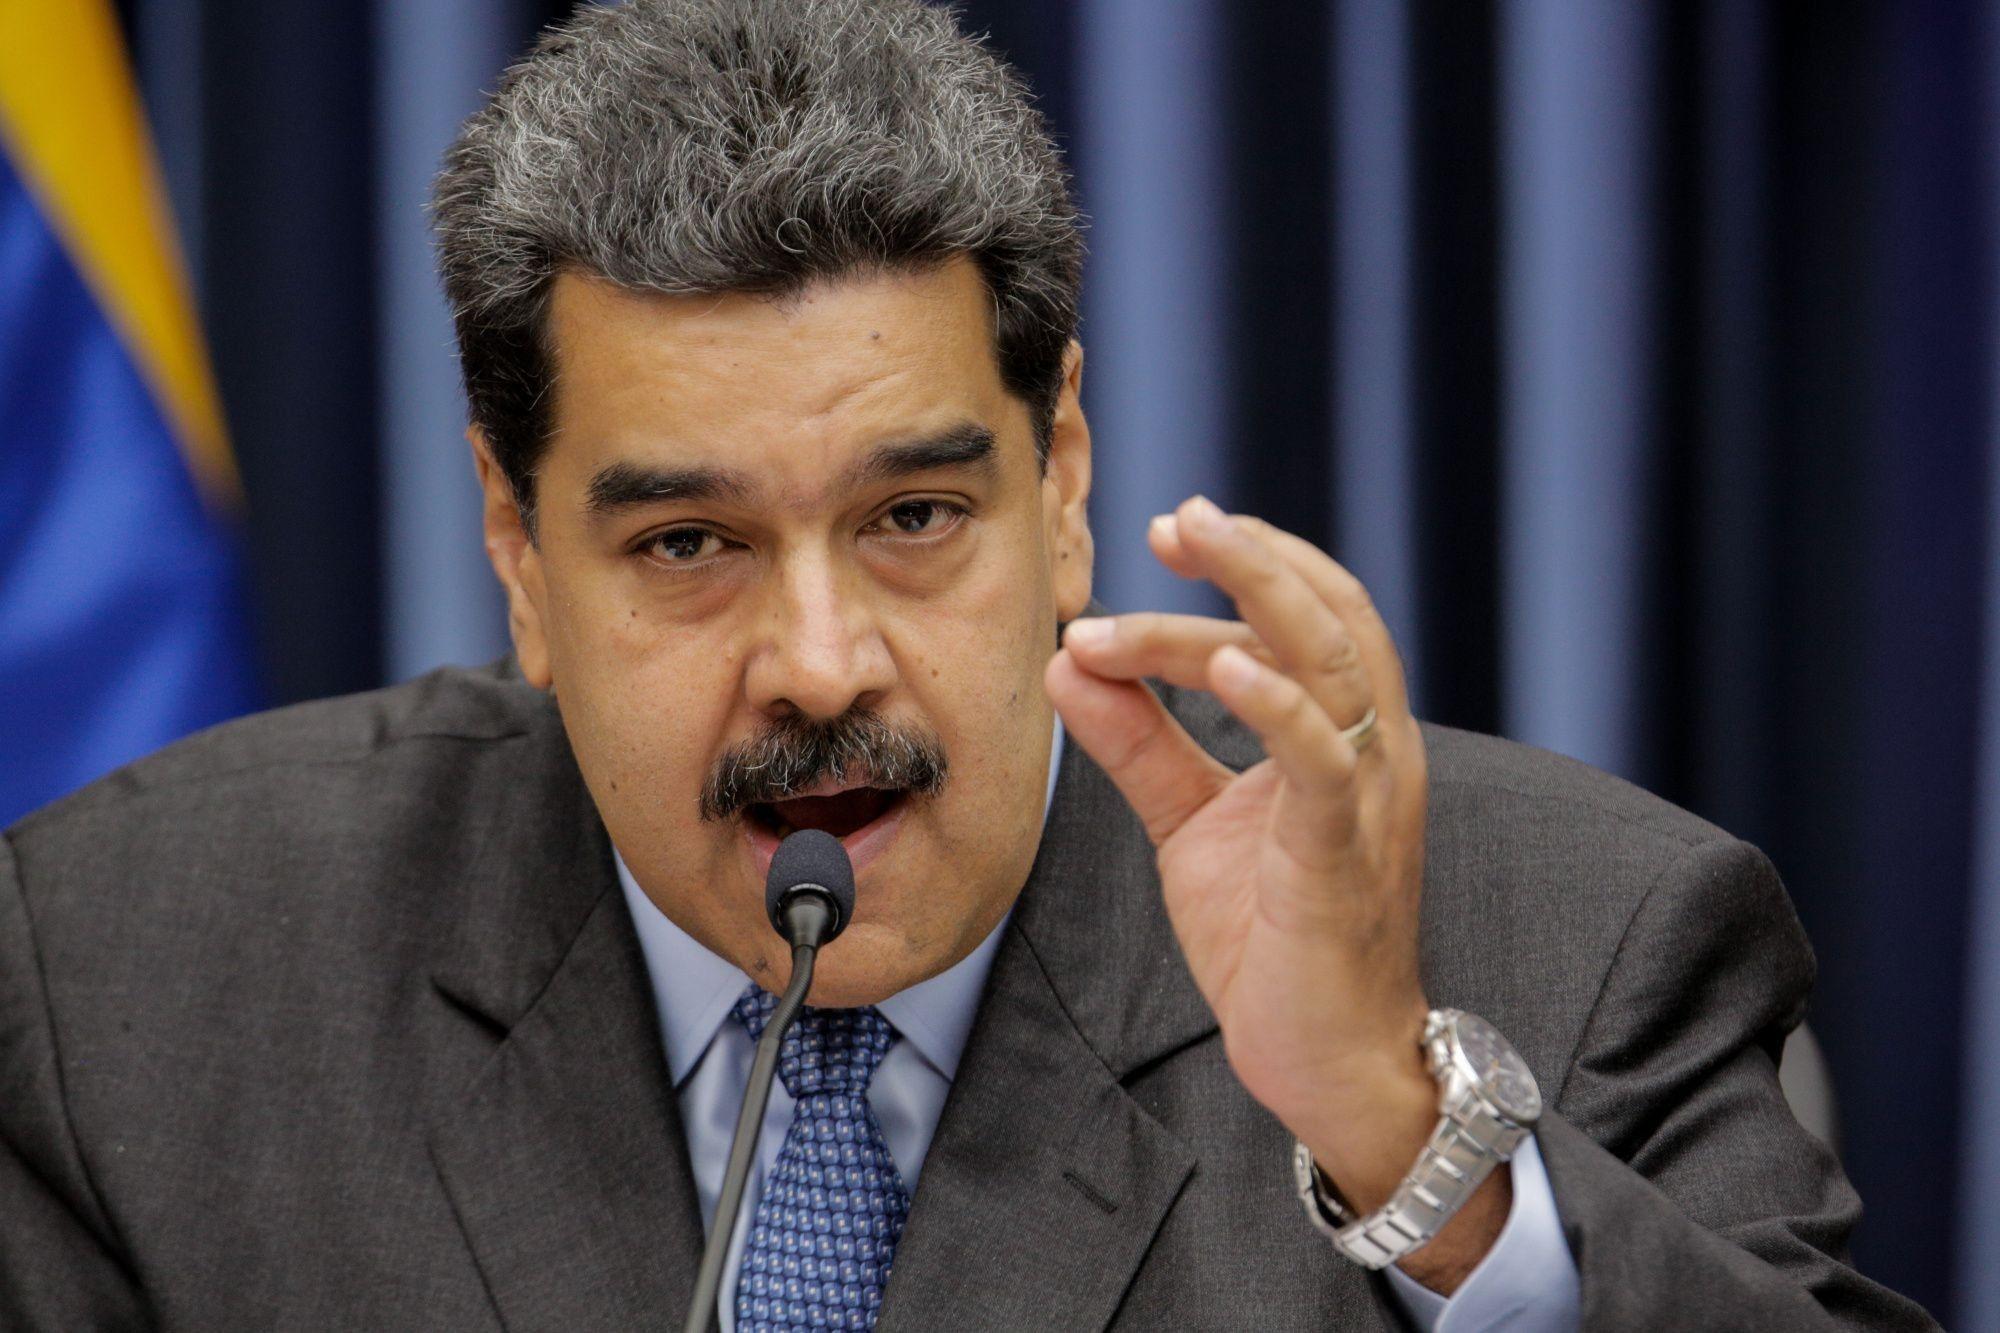 President Maduro Holds Press Conference After Salt Bae Steakhouse Backlash